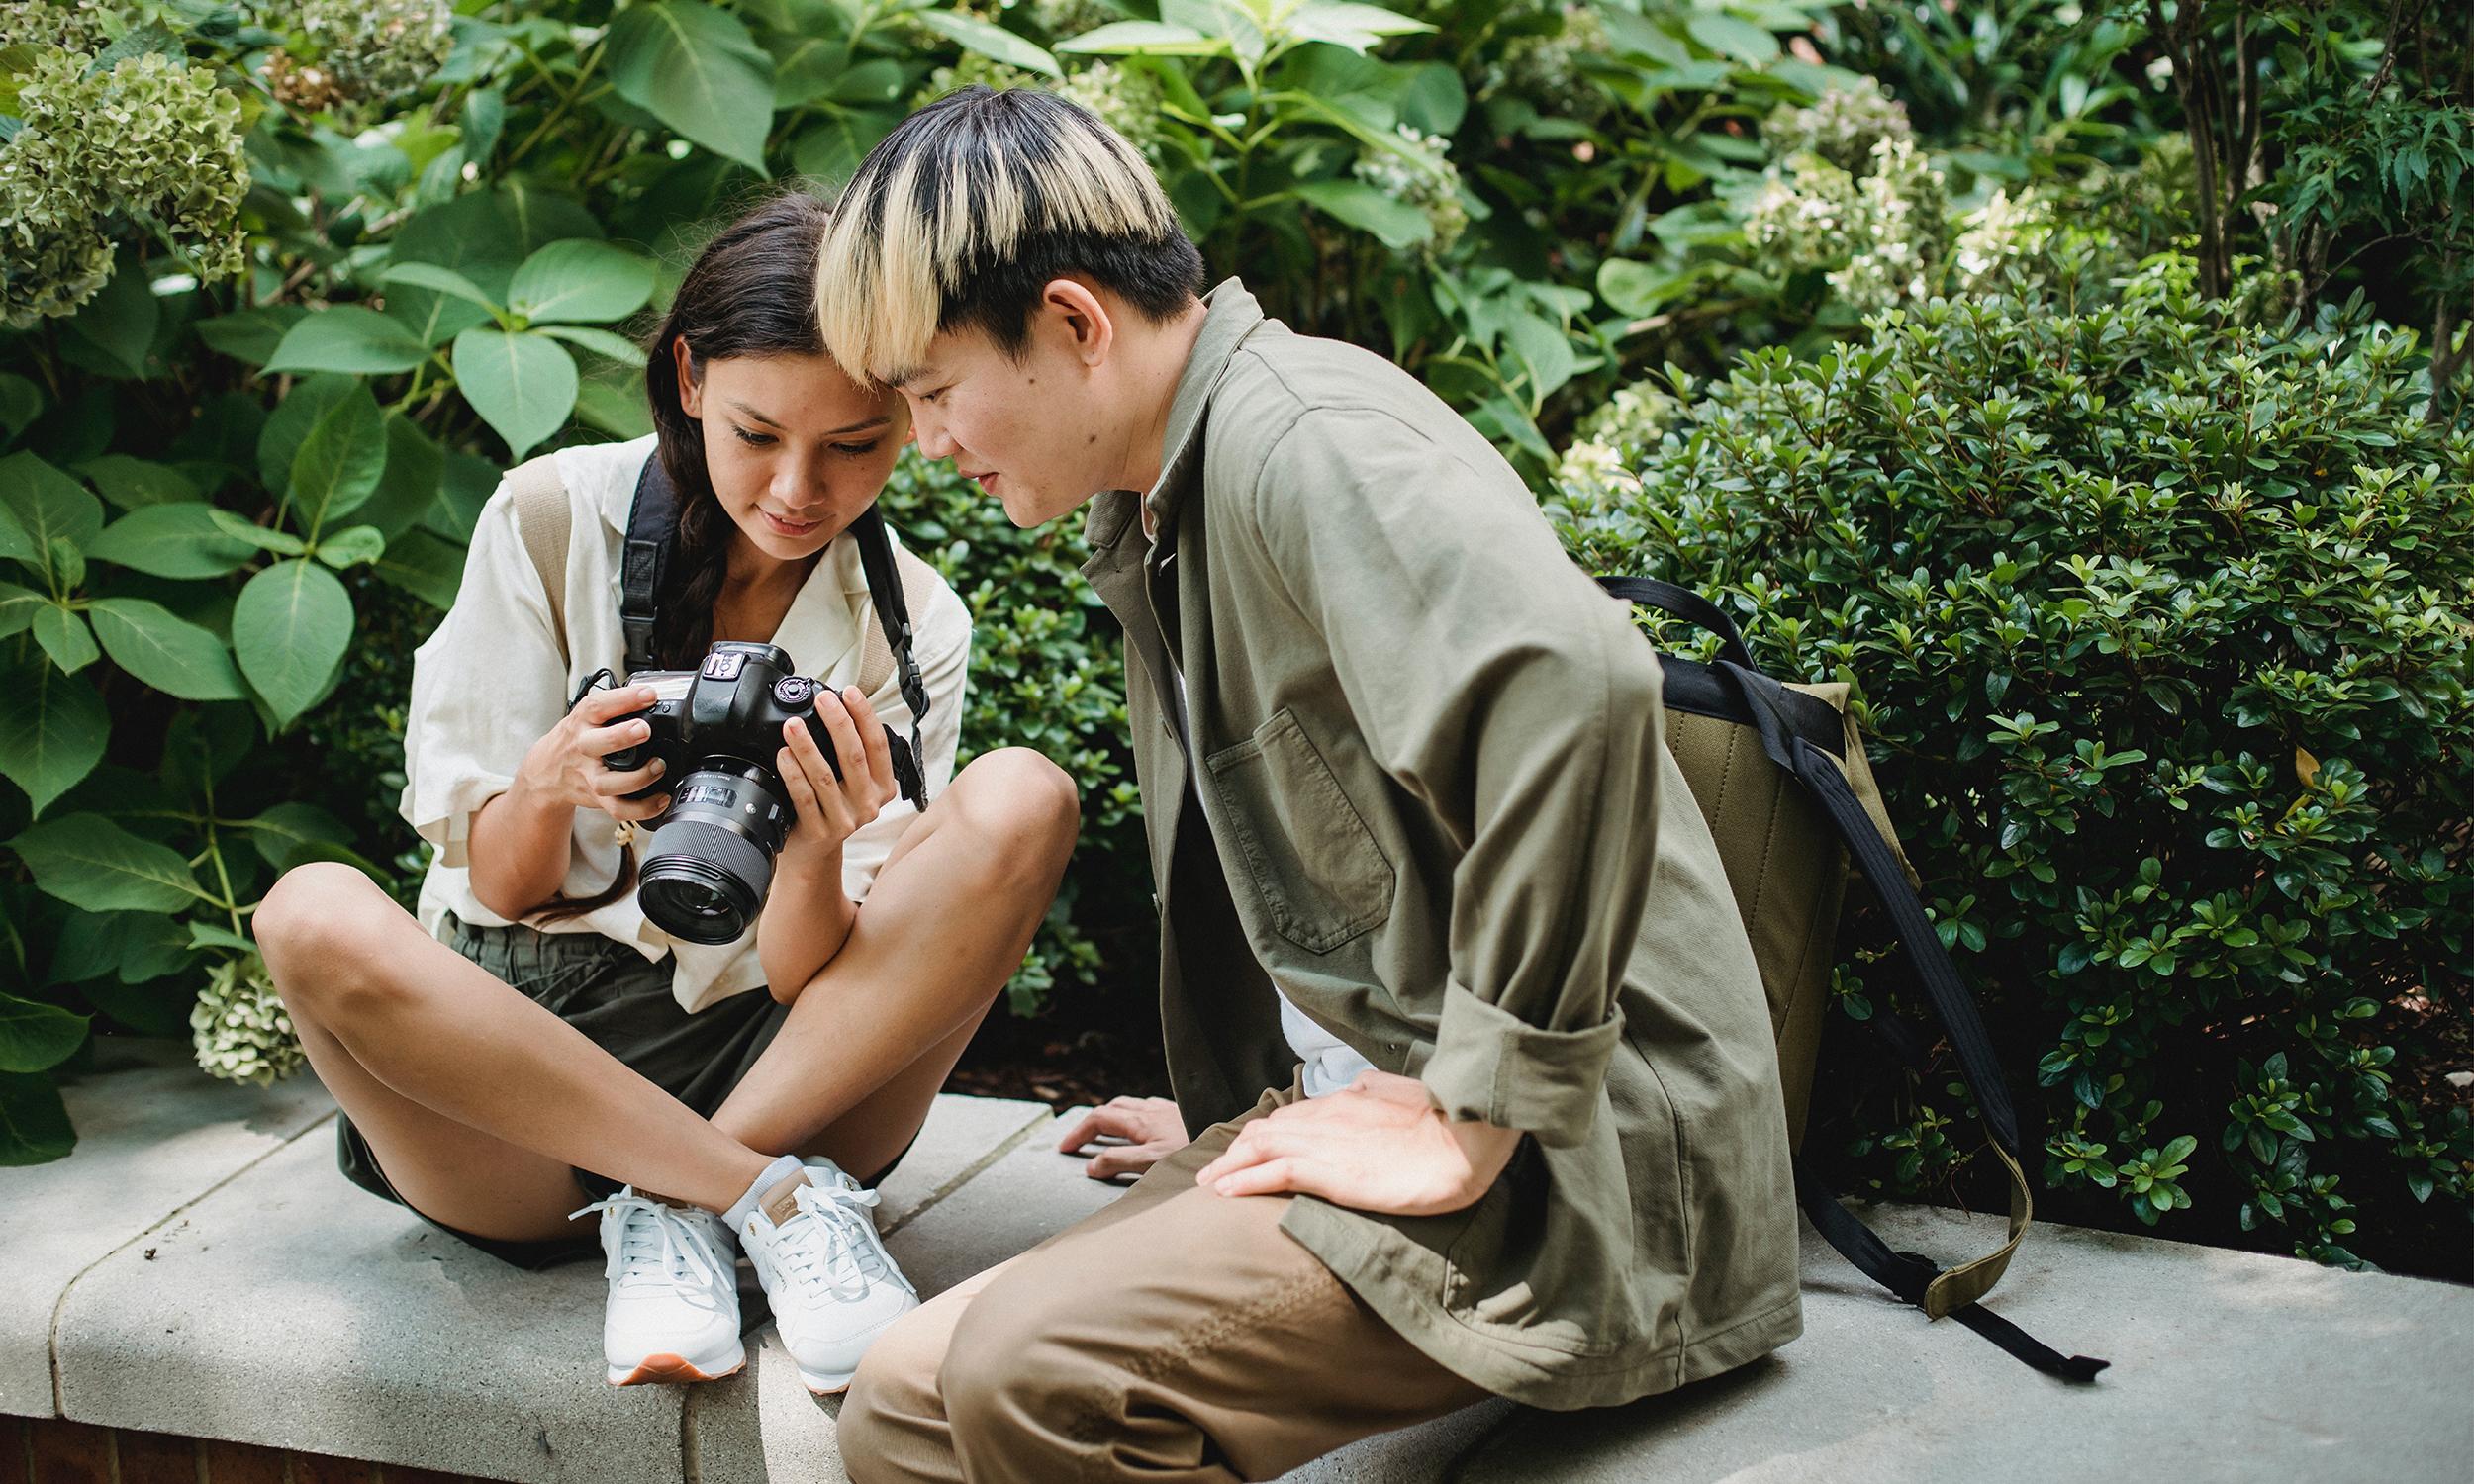 2 students look at a Camera